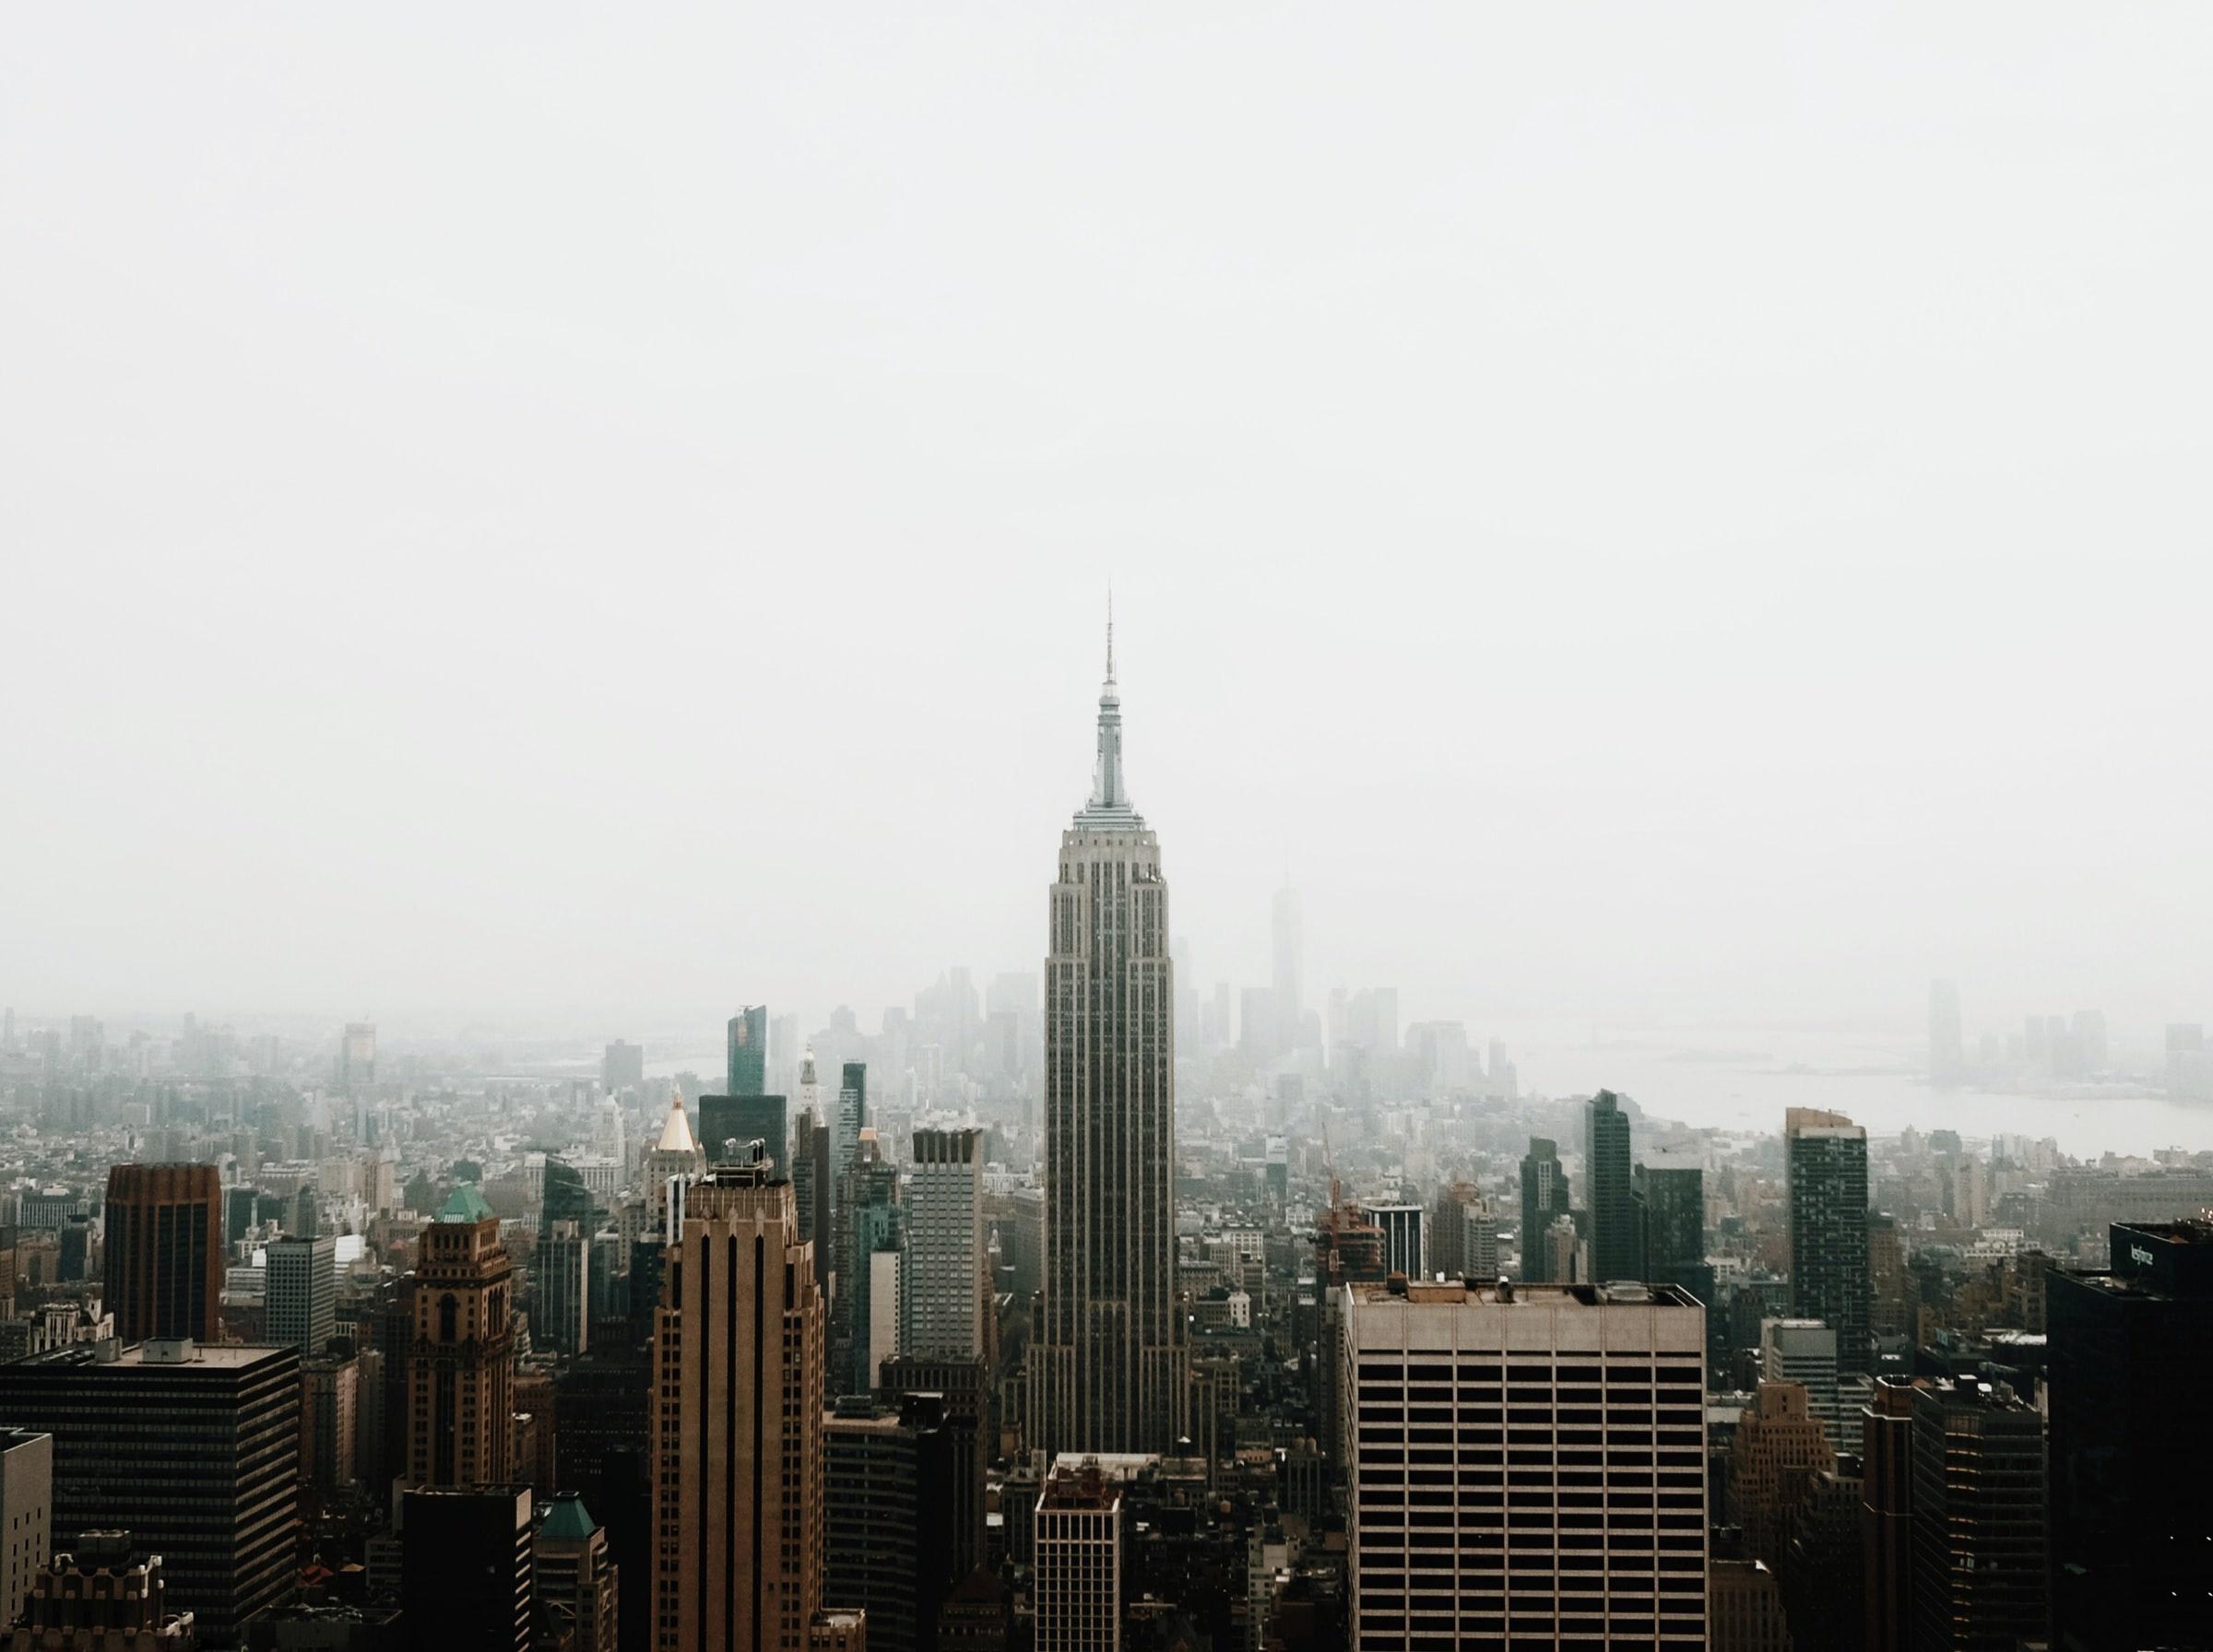 New York, NYC, New York City, YSG Solar, Energy Storage, Battery Storage, Solar Power